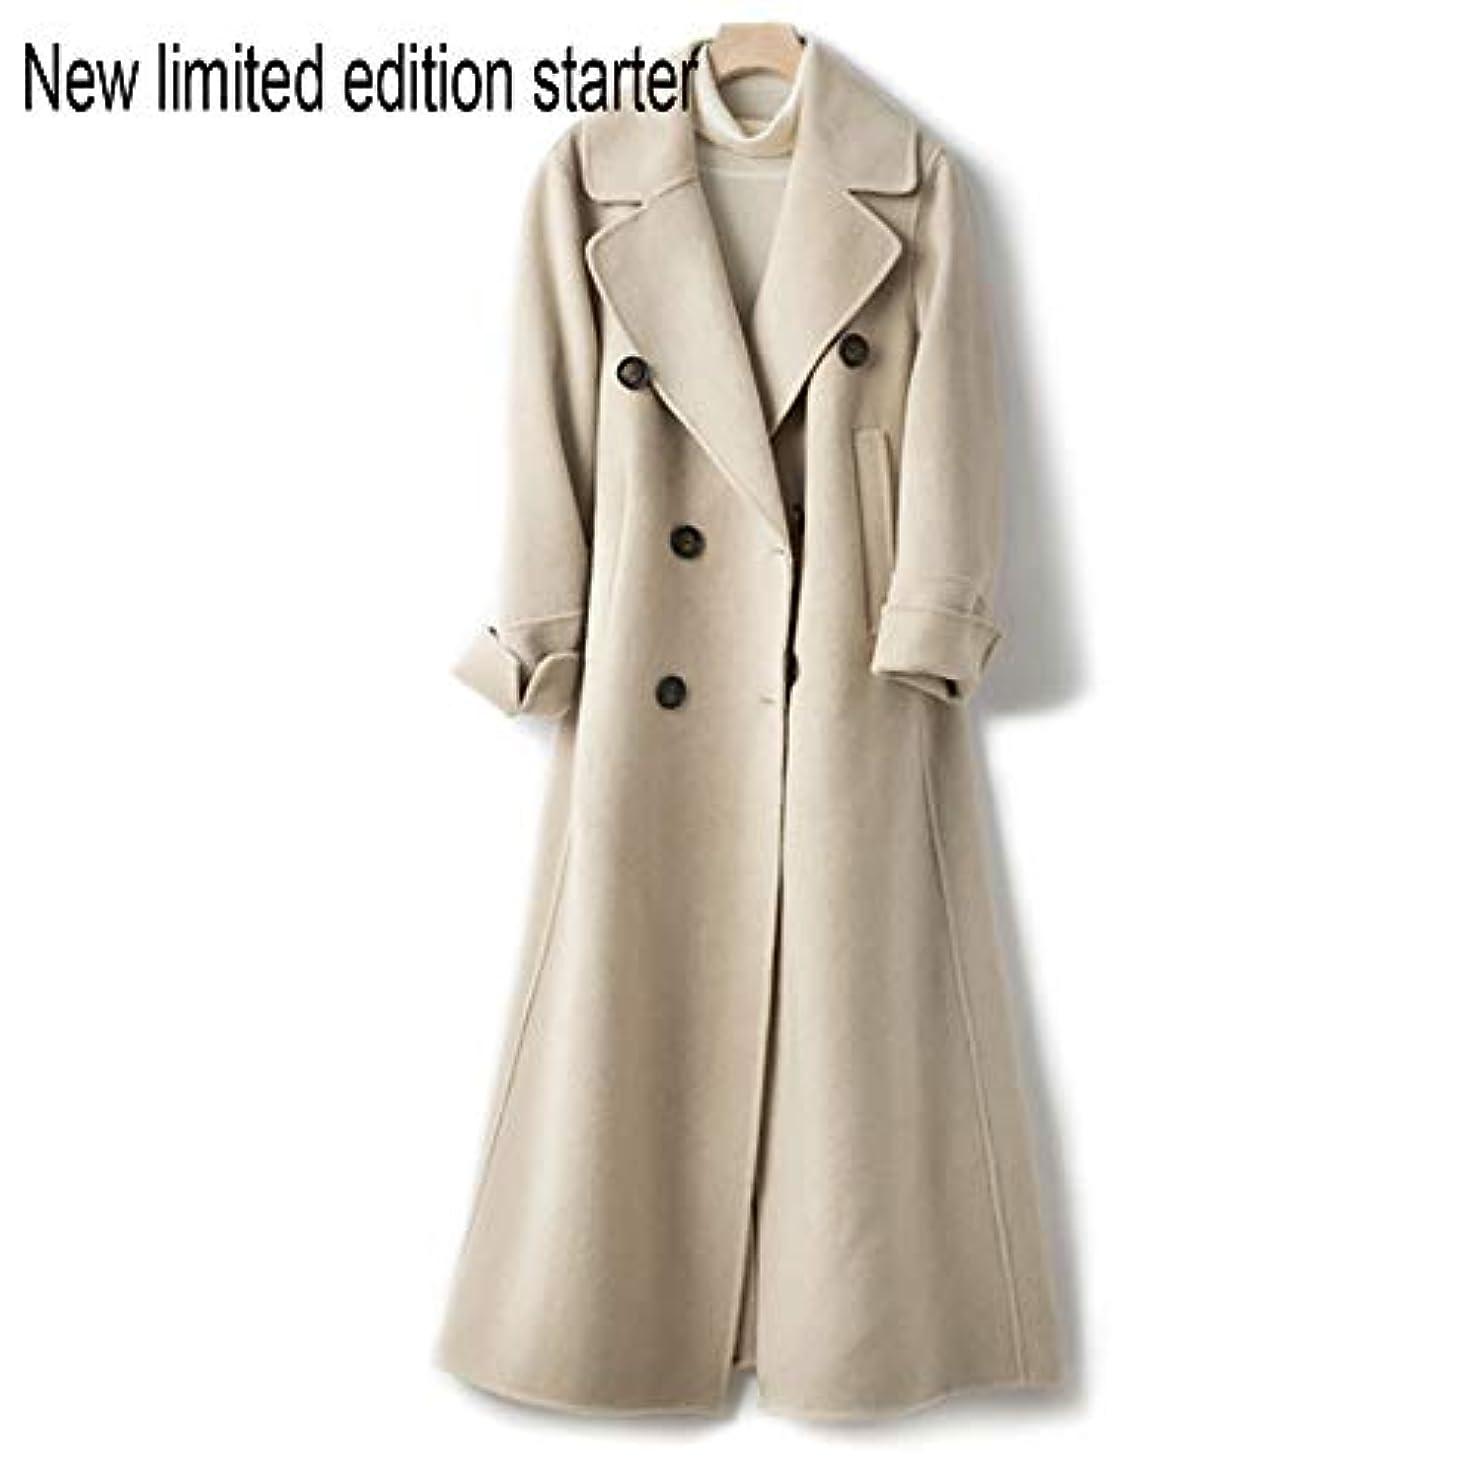 祖父母を訪問行政戻るウールコート、ウエストの両面ウールコートと長い女性服19秋と冬の新しいウールコート女性の長いブレザーコート,C,S